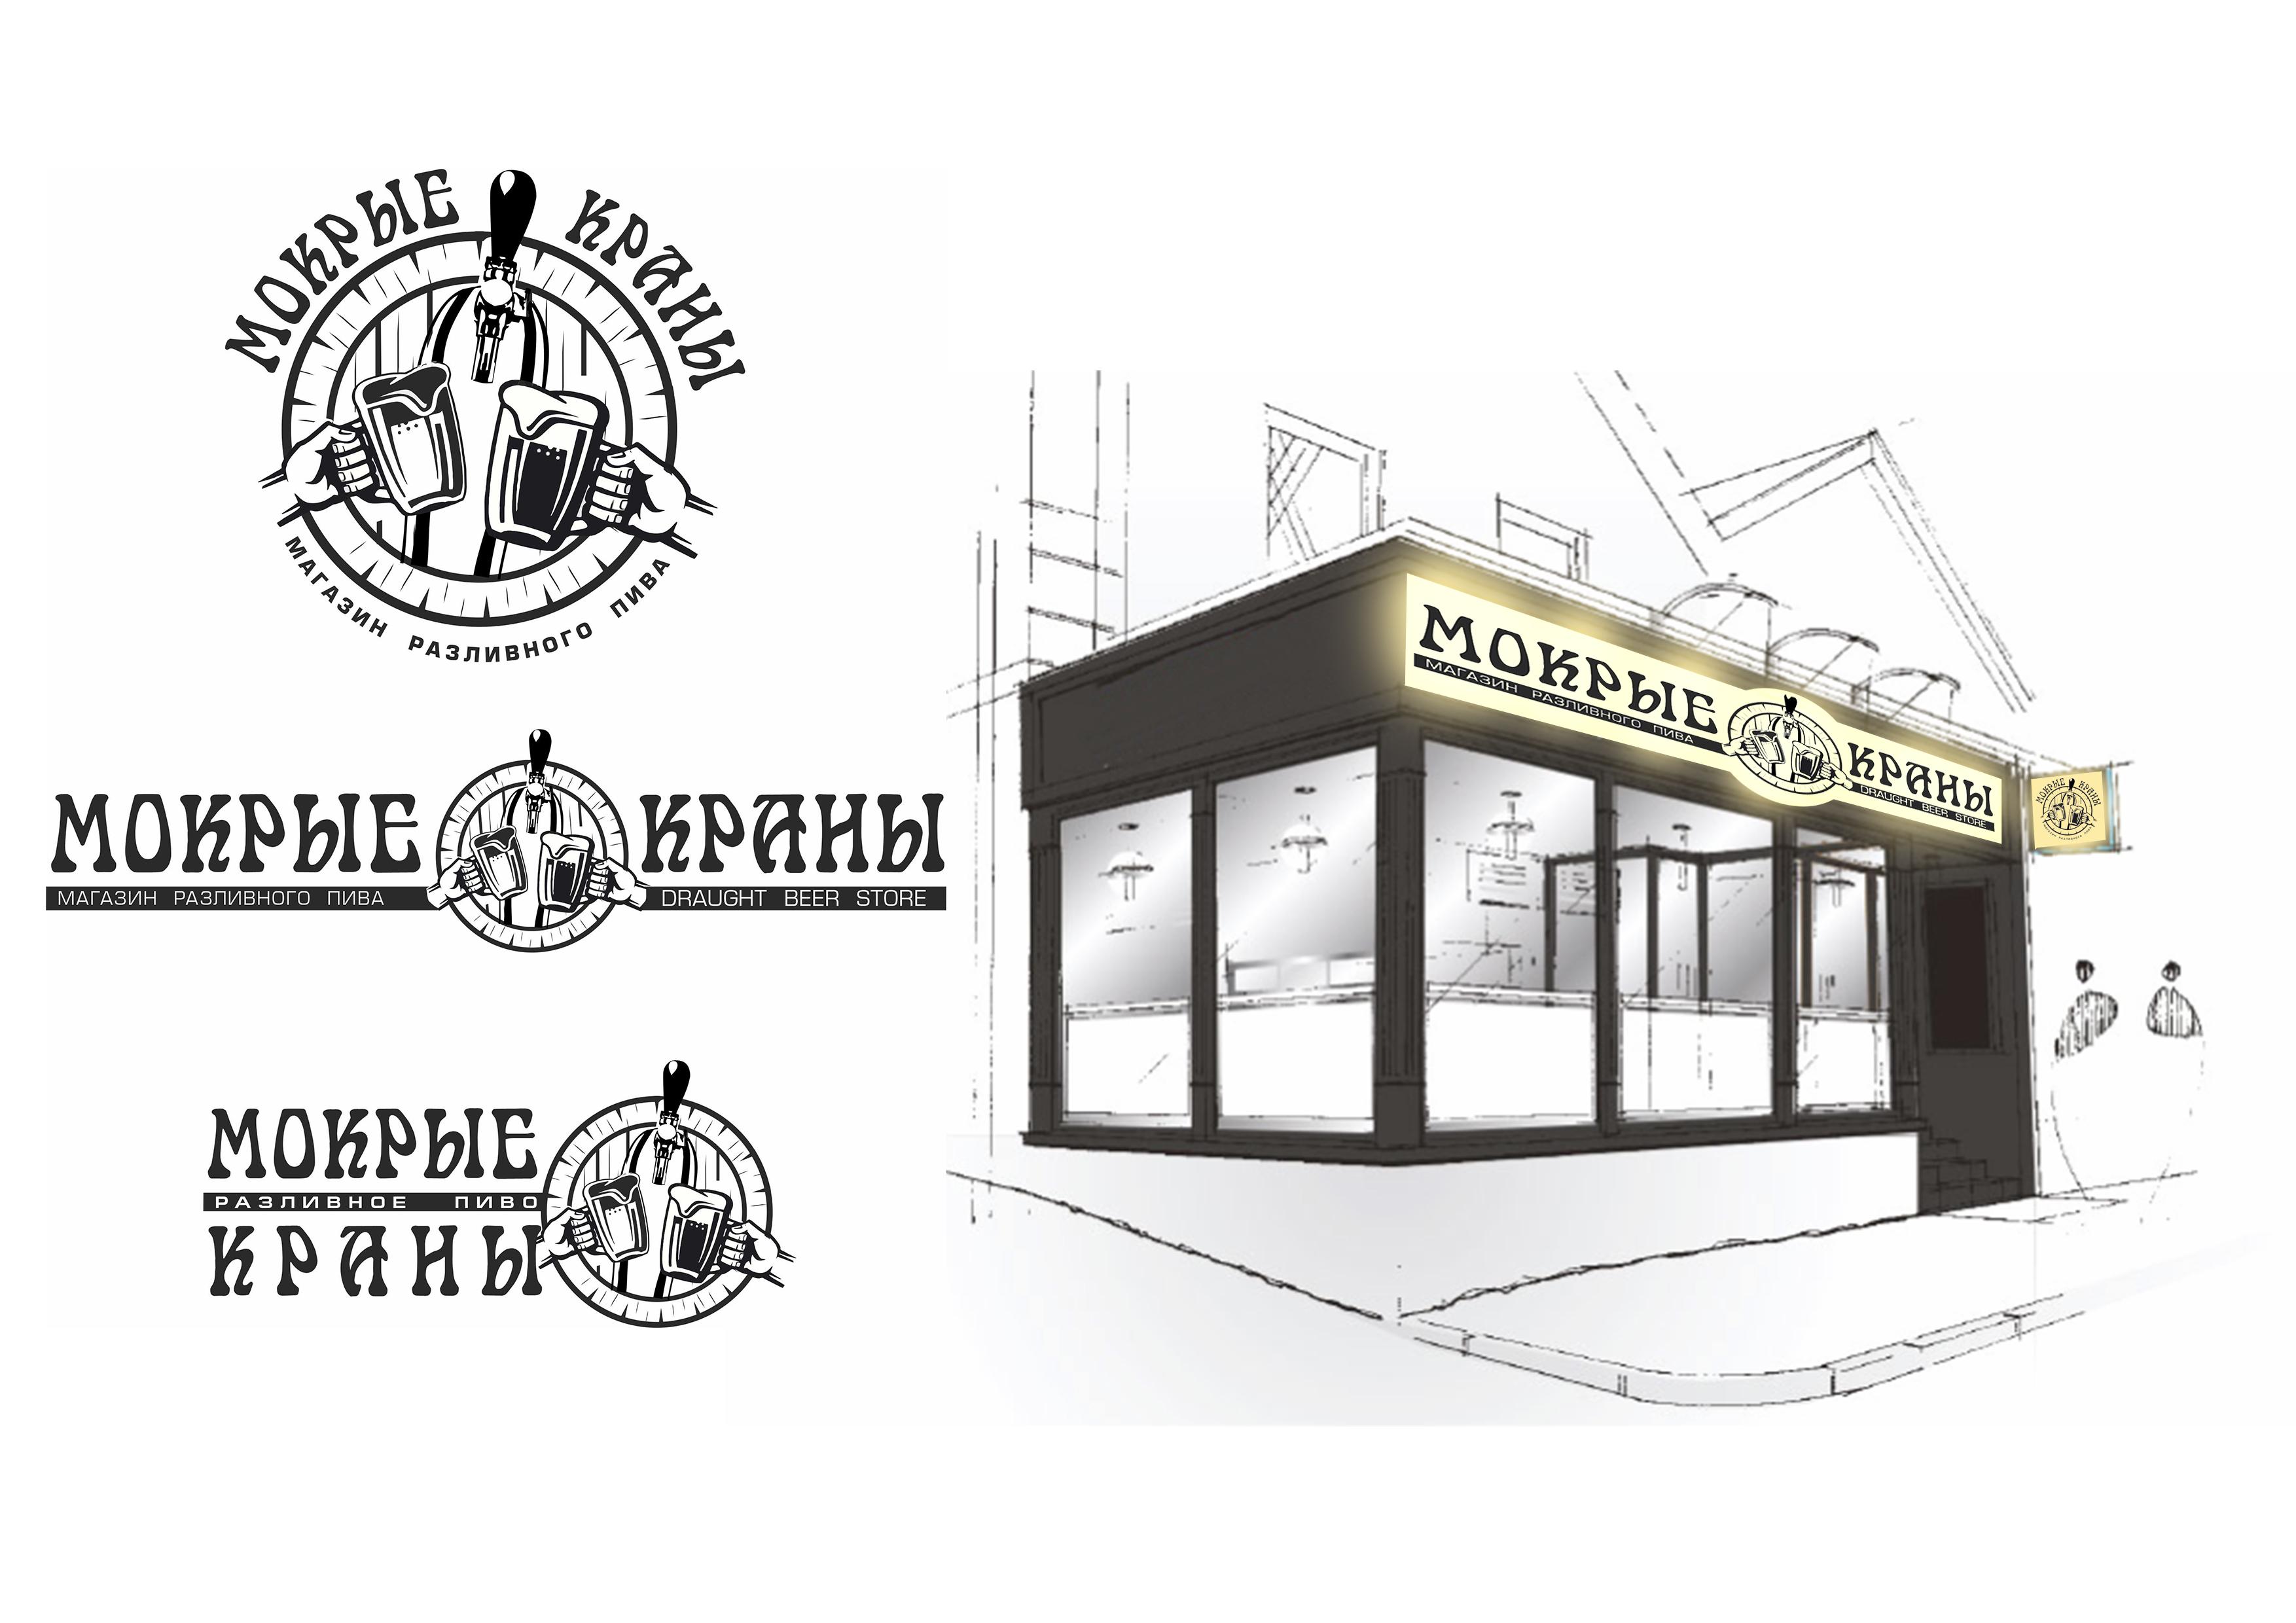 Вывеска/логотип для пивного магазина фото f_69060267b525e3b4.jpg